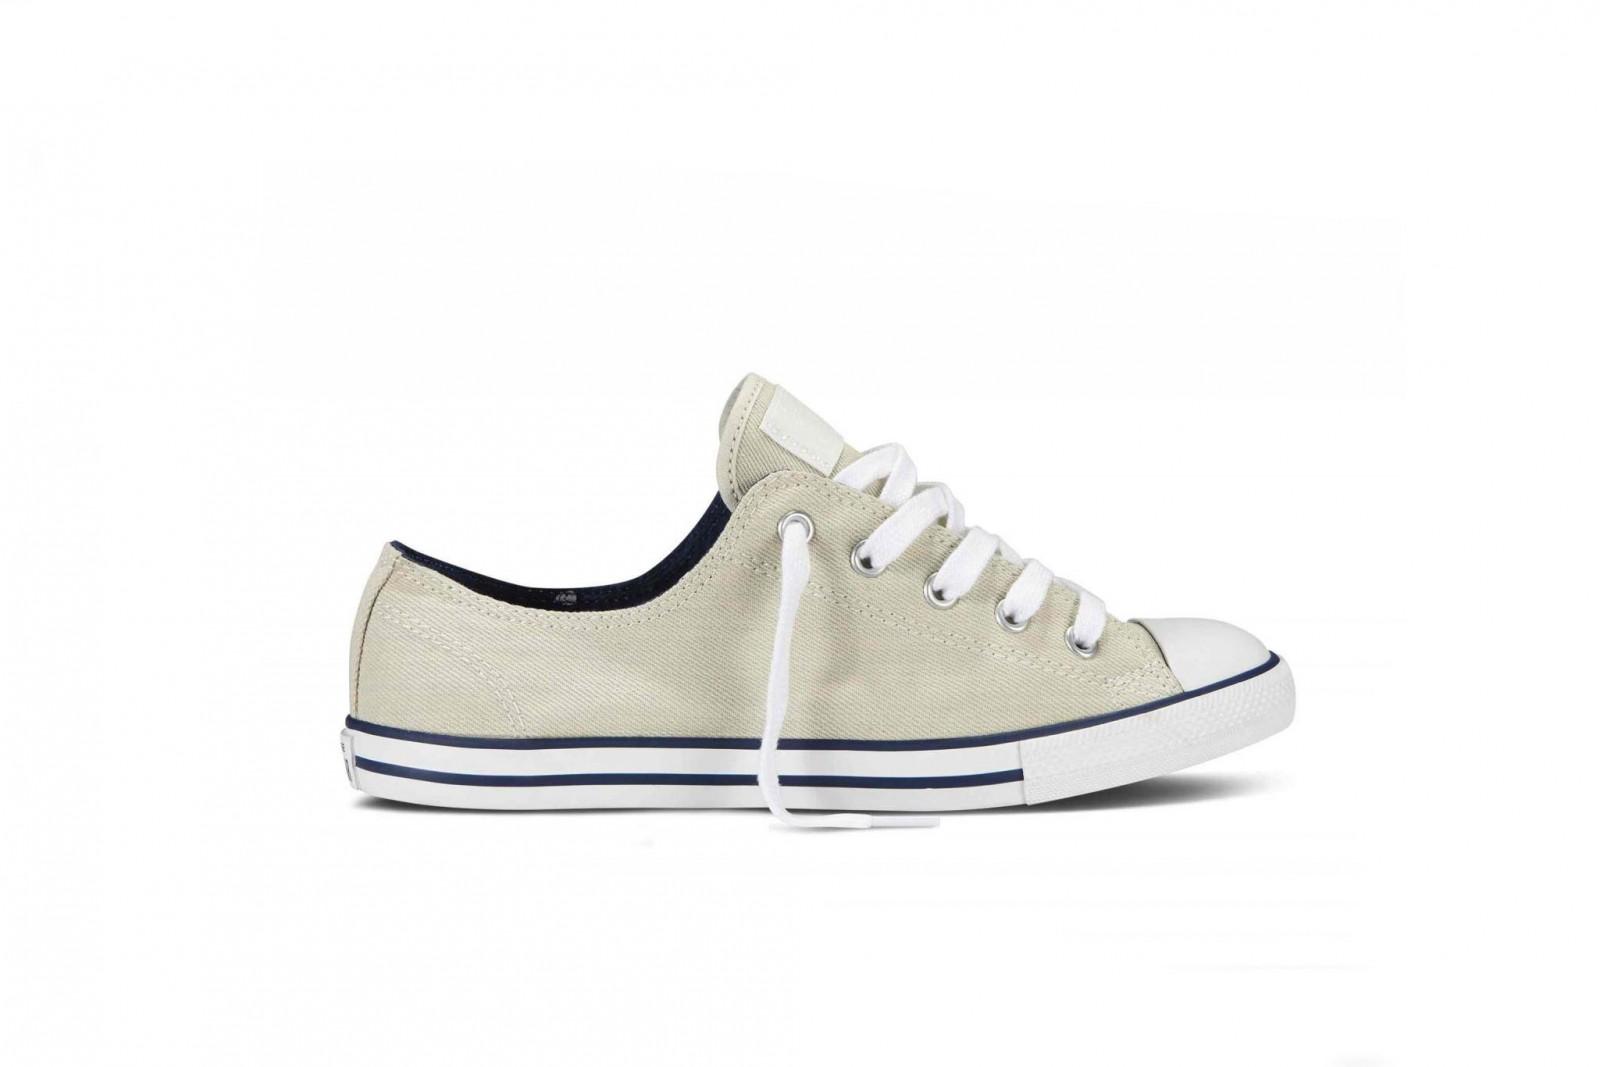 Dámské boty Converse Chuck Taylor All Star Dainty béžová  2f5c3c9922